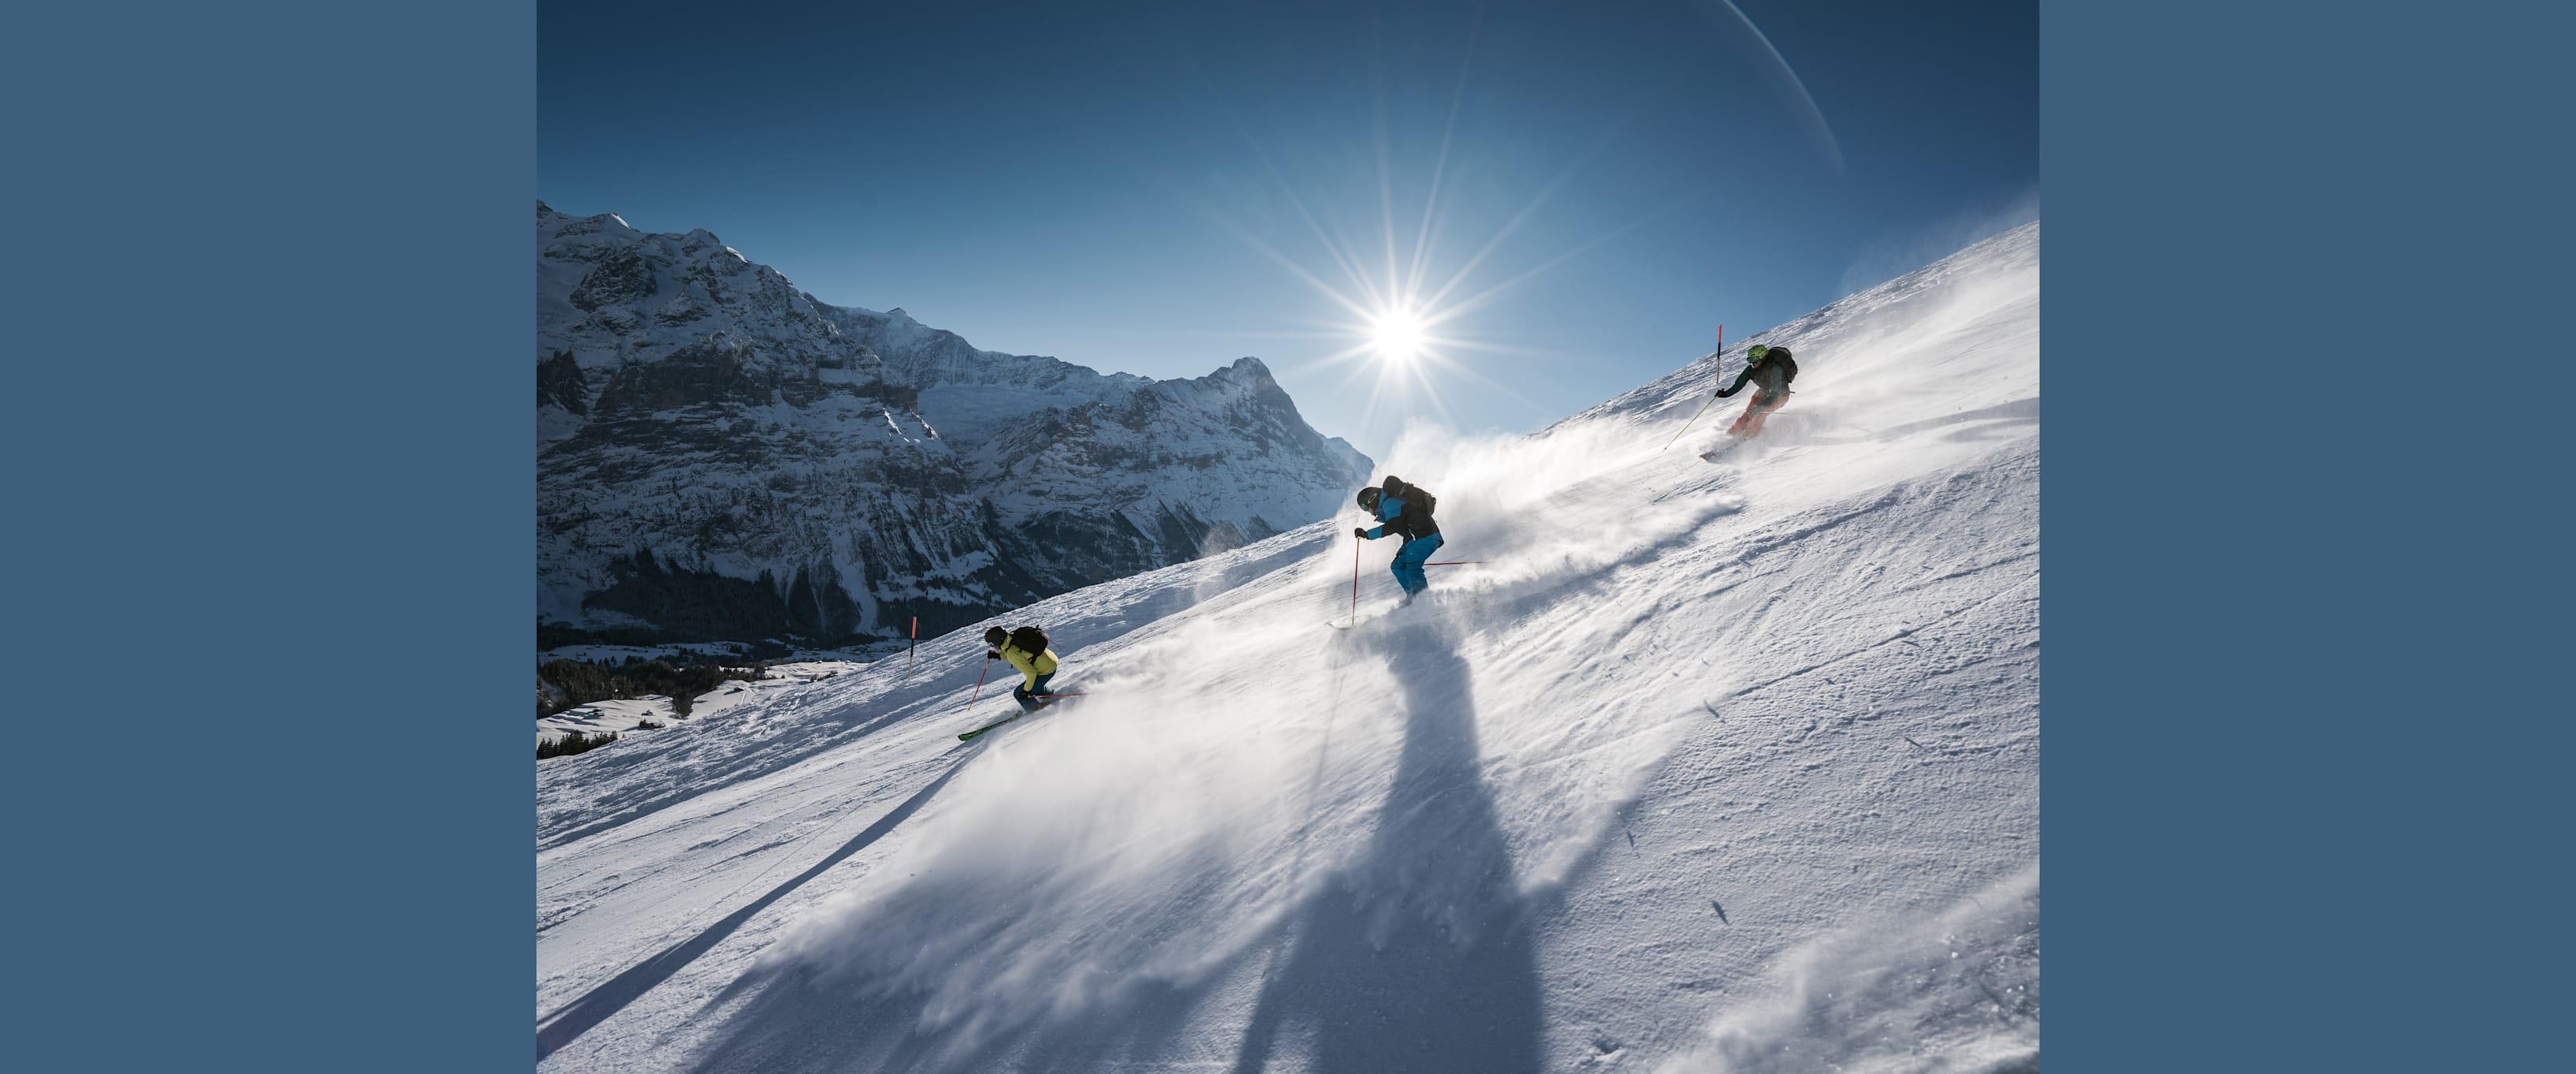 Bilddatenbank, Bilddatenbank-Grindelwald-First, Bilddatenbank-Skifahren, Bilddatenbank-Stichworte, Bilddatenbank-Themen, Bilddatenbank-Winter, Bilddatenbank-Wintersport